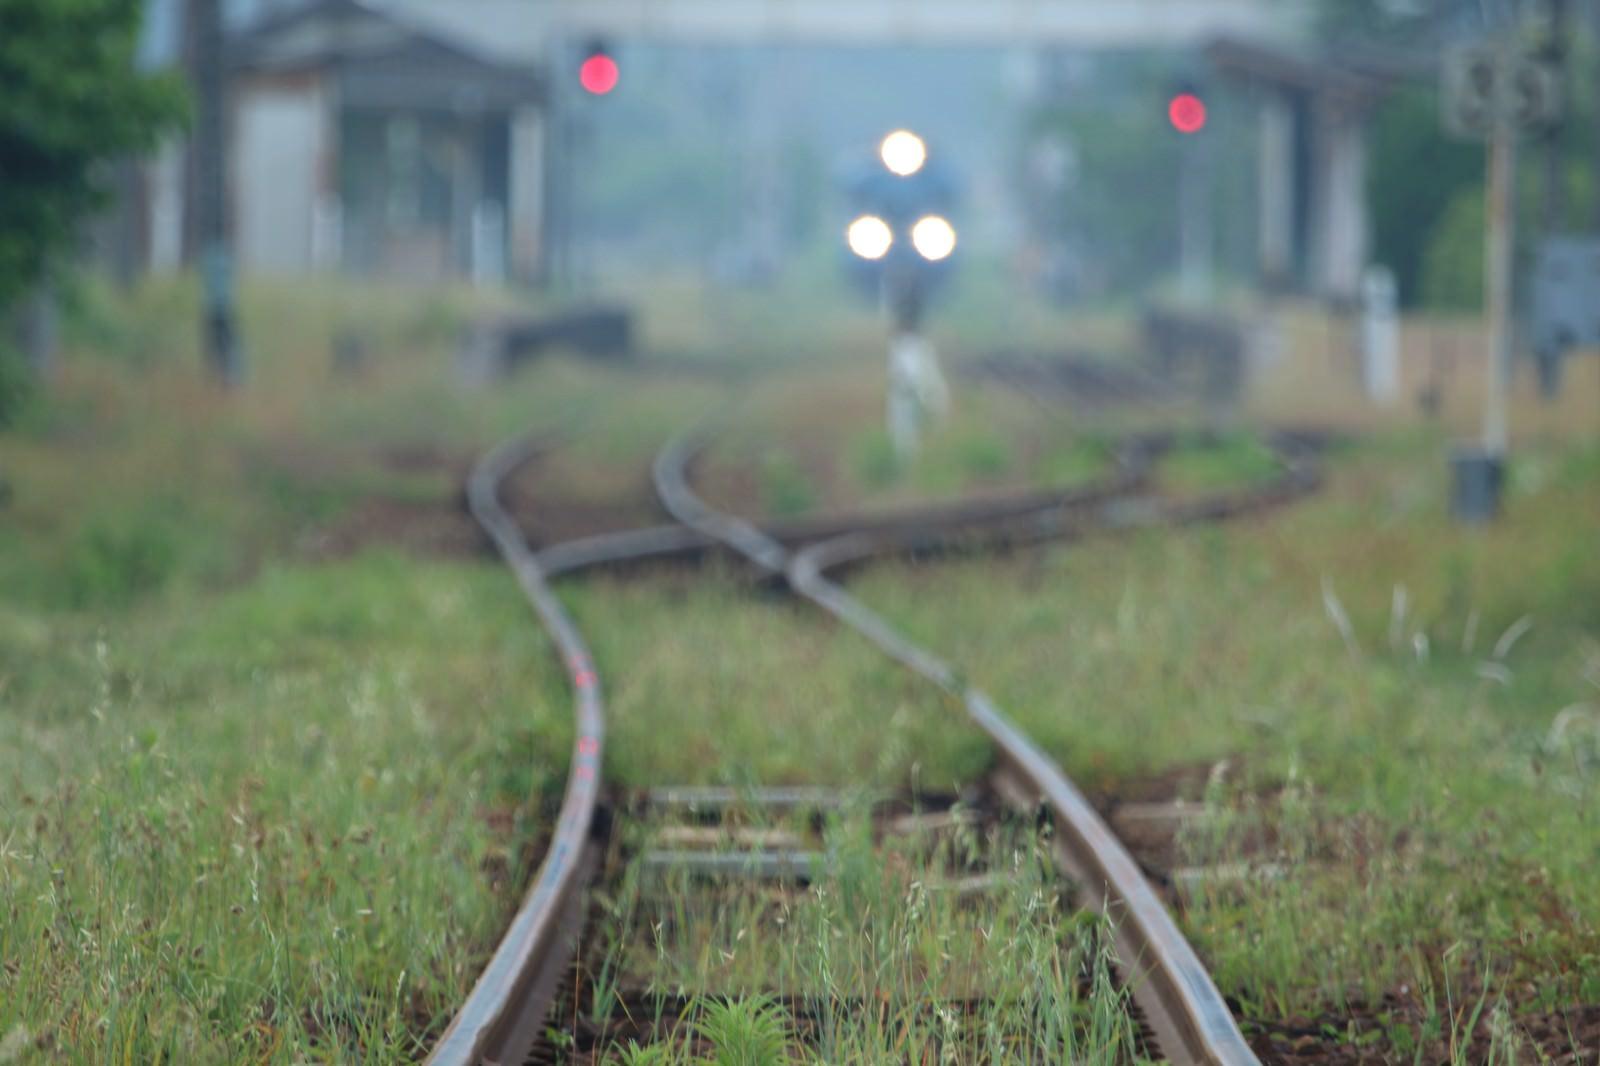 「日に数本しか走行していないローカル線日に数本しか走行していないローカル線」のフリー写真素材を拡大